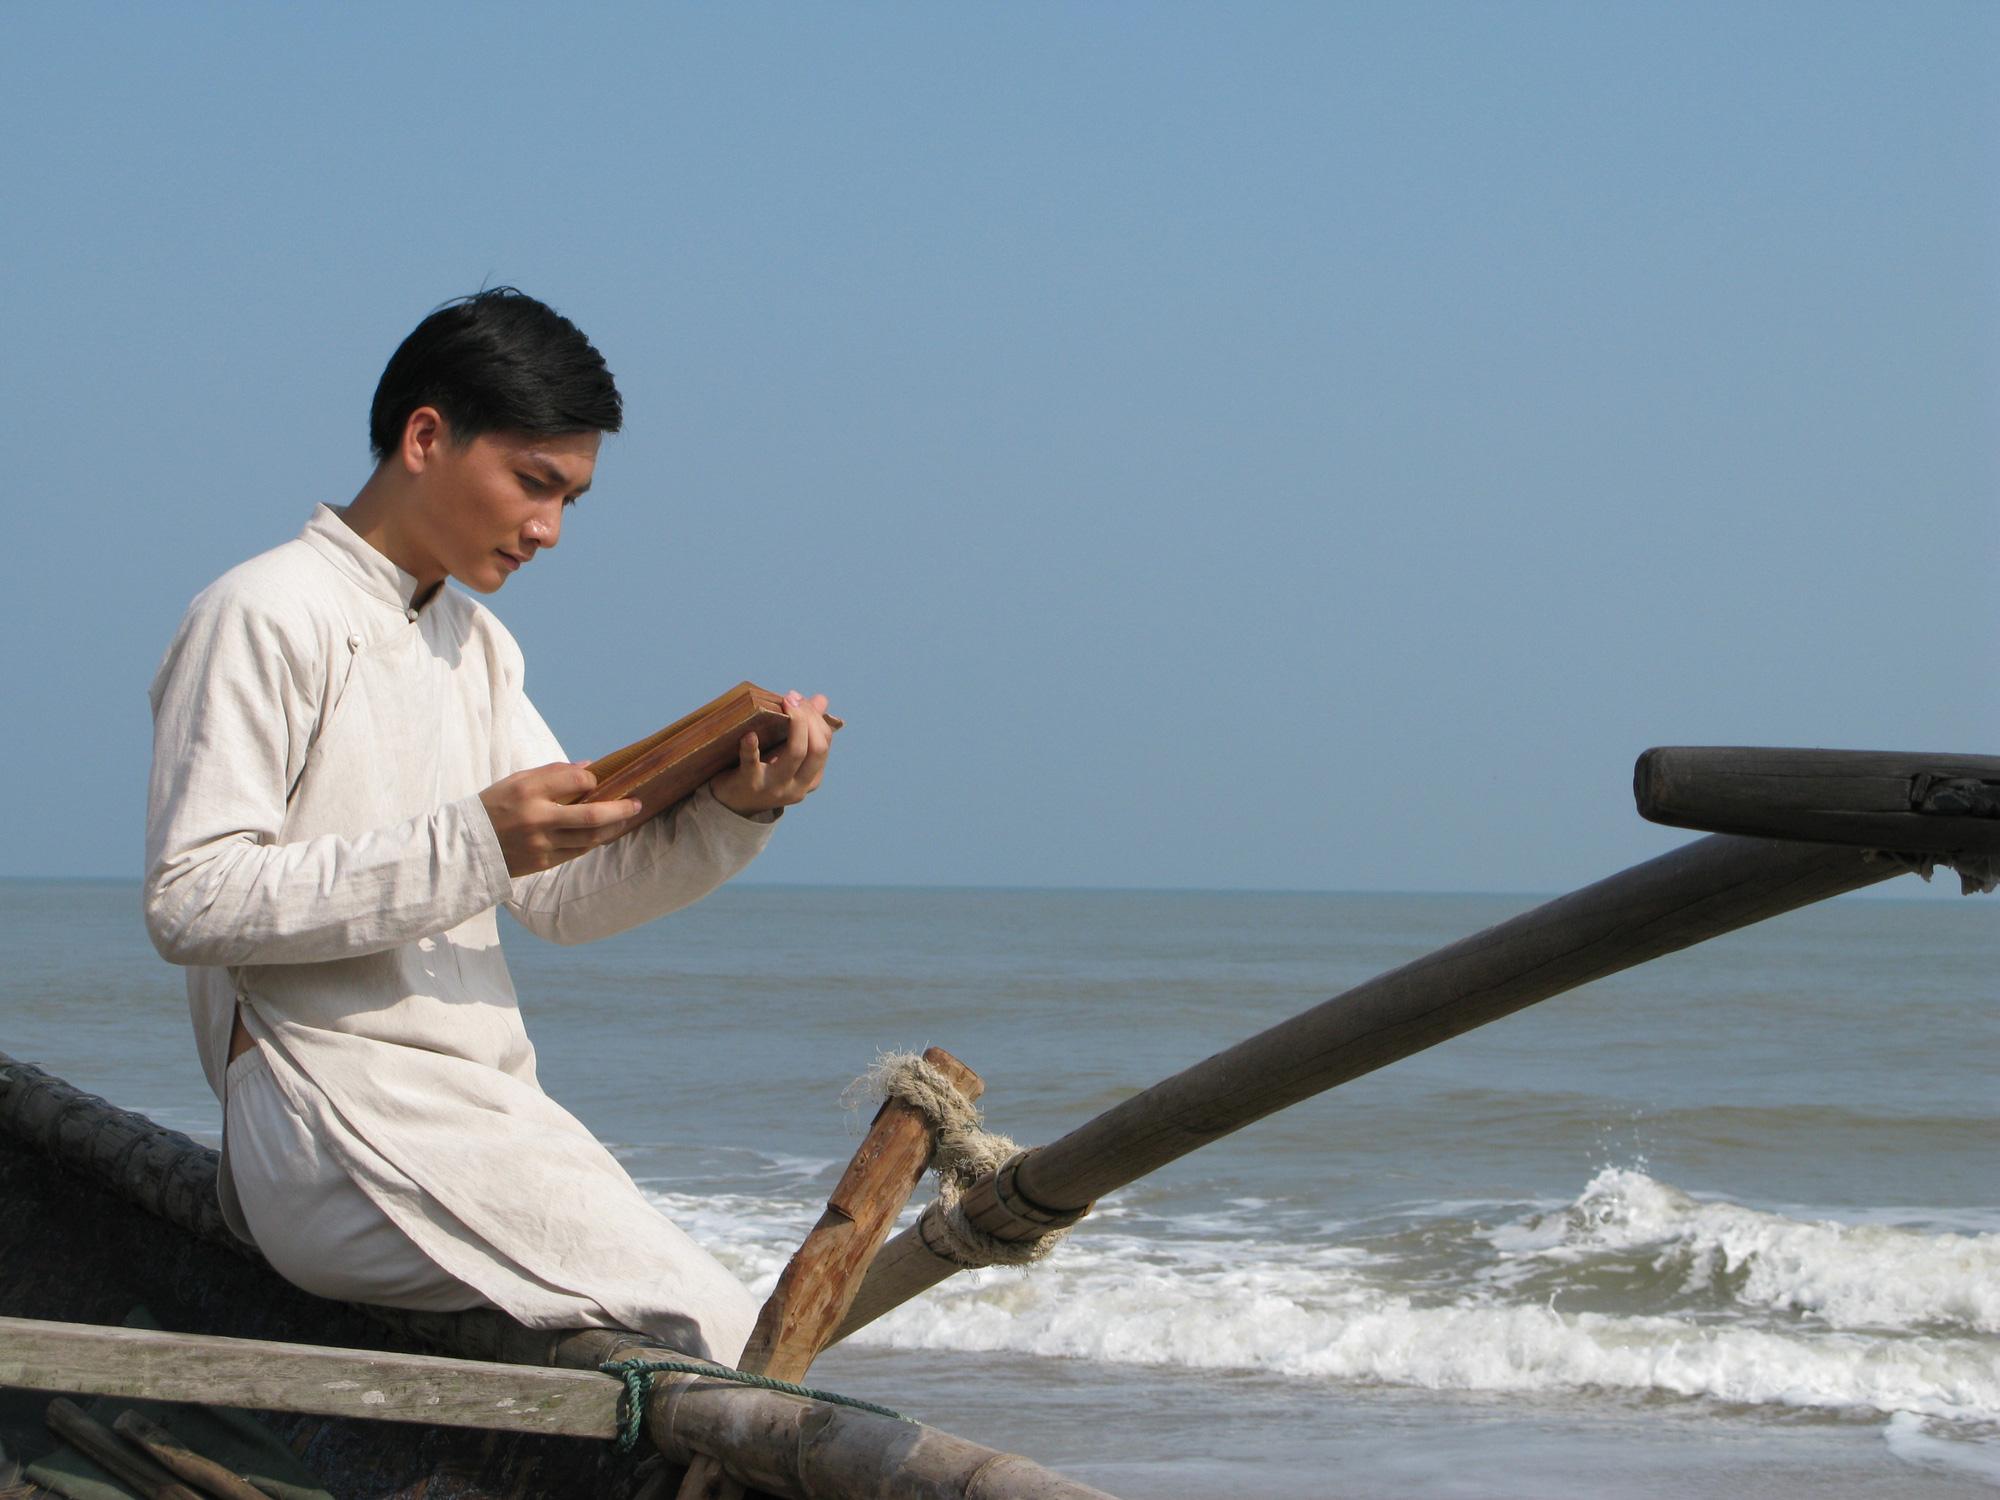 Máu là kỷ niệm đáng nhớ của diễn viên Minh Đức khi vào vai Bác Hồ thời trẻ - Ảnh 3.